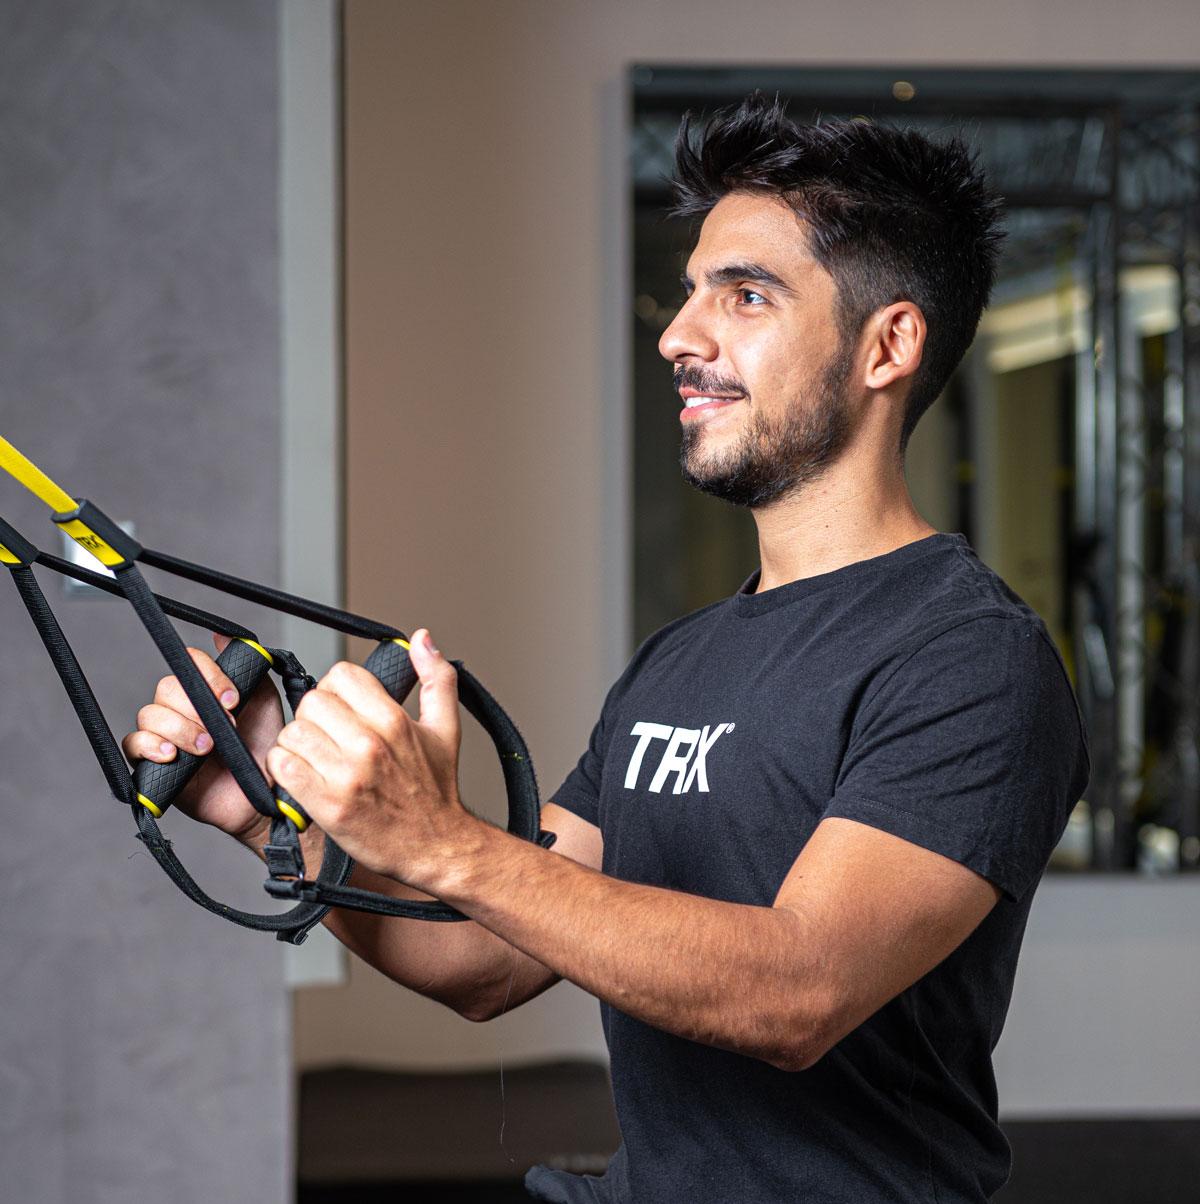 La ciencia independiente muestra que TRX Suspension Training® proporciona beneficios musculares y cardiovasculares que pueden suponer un